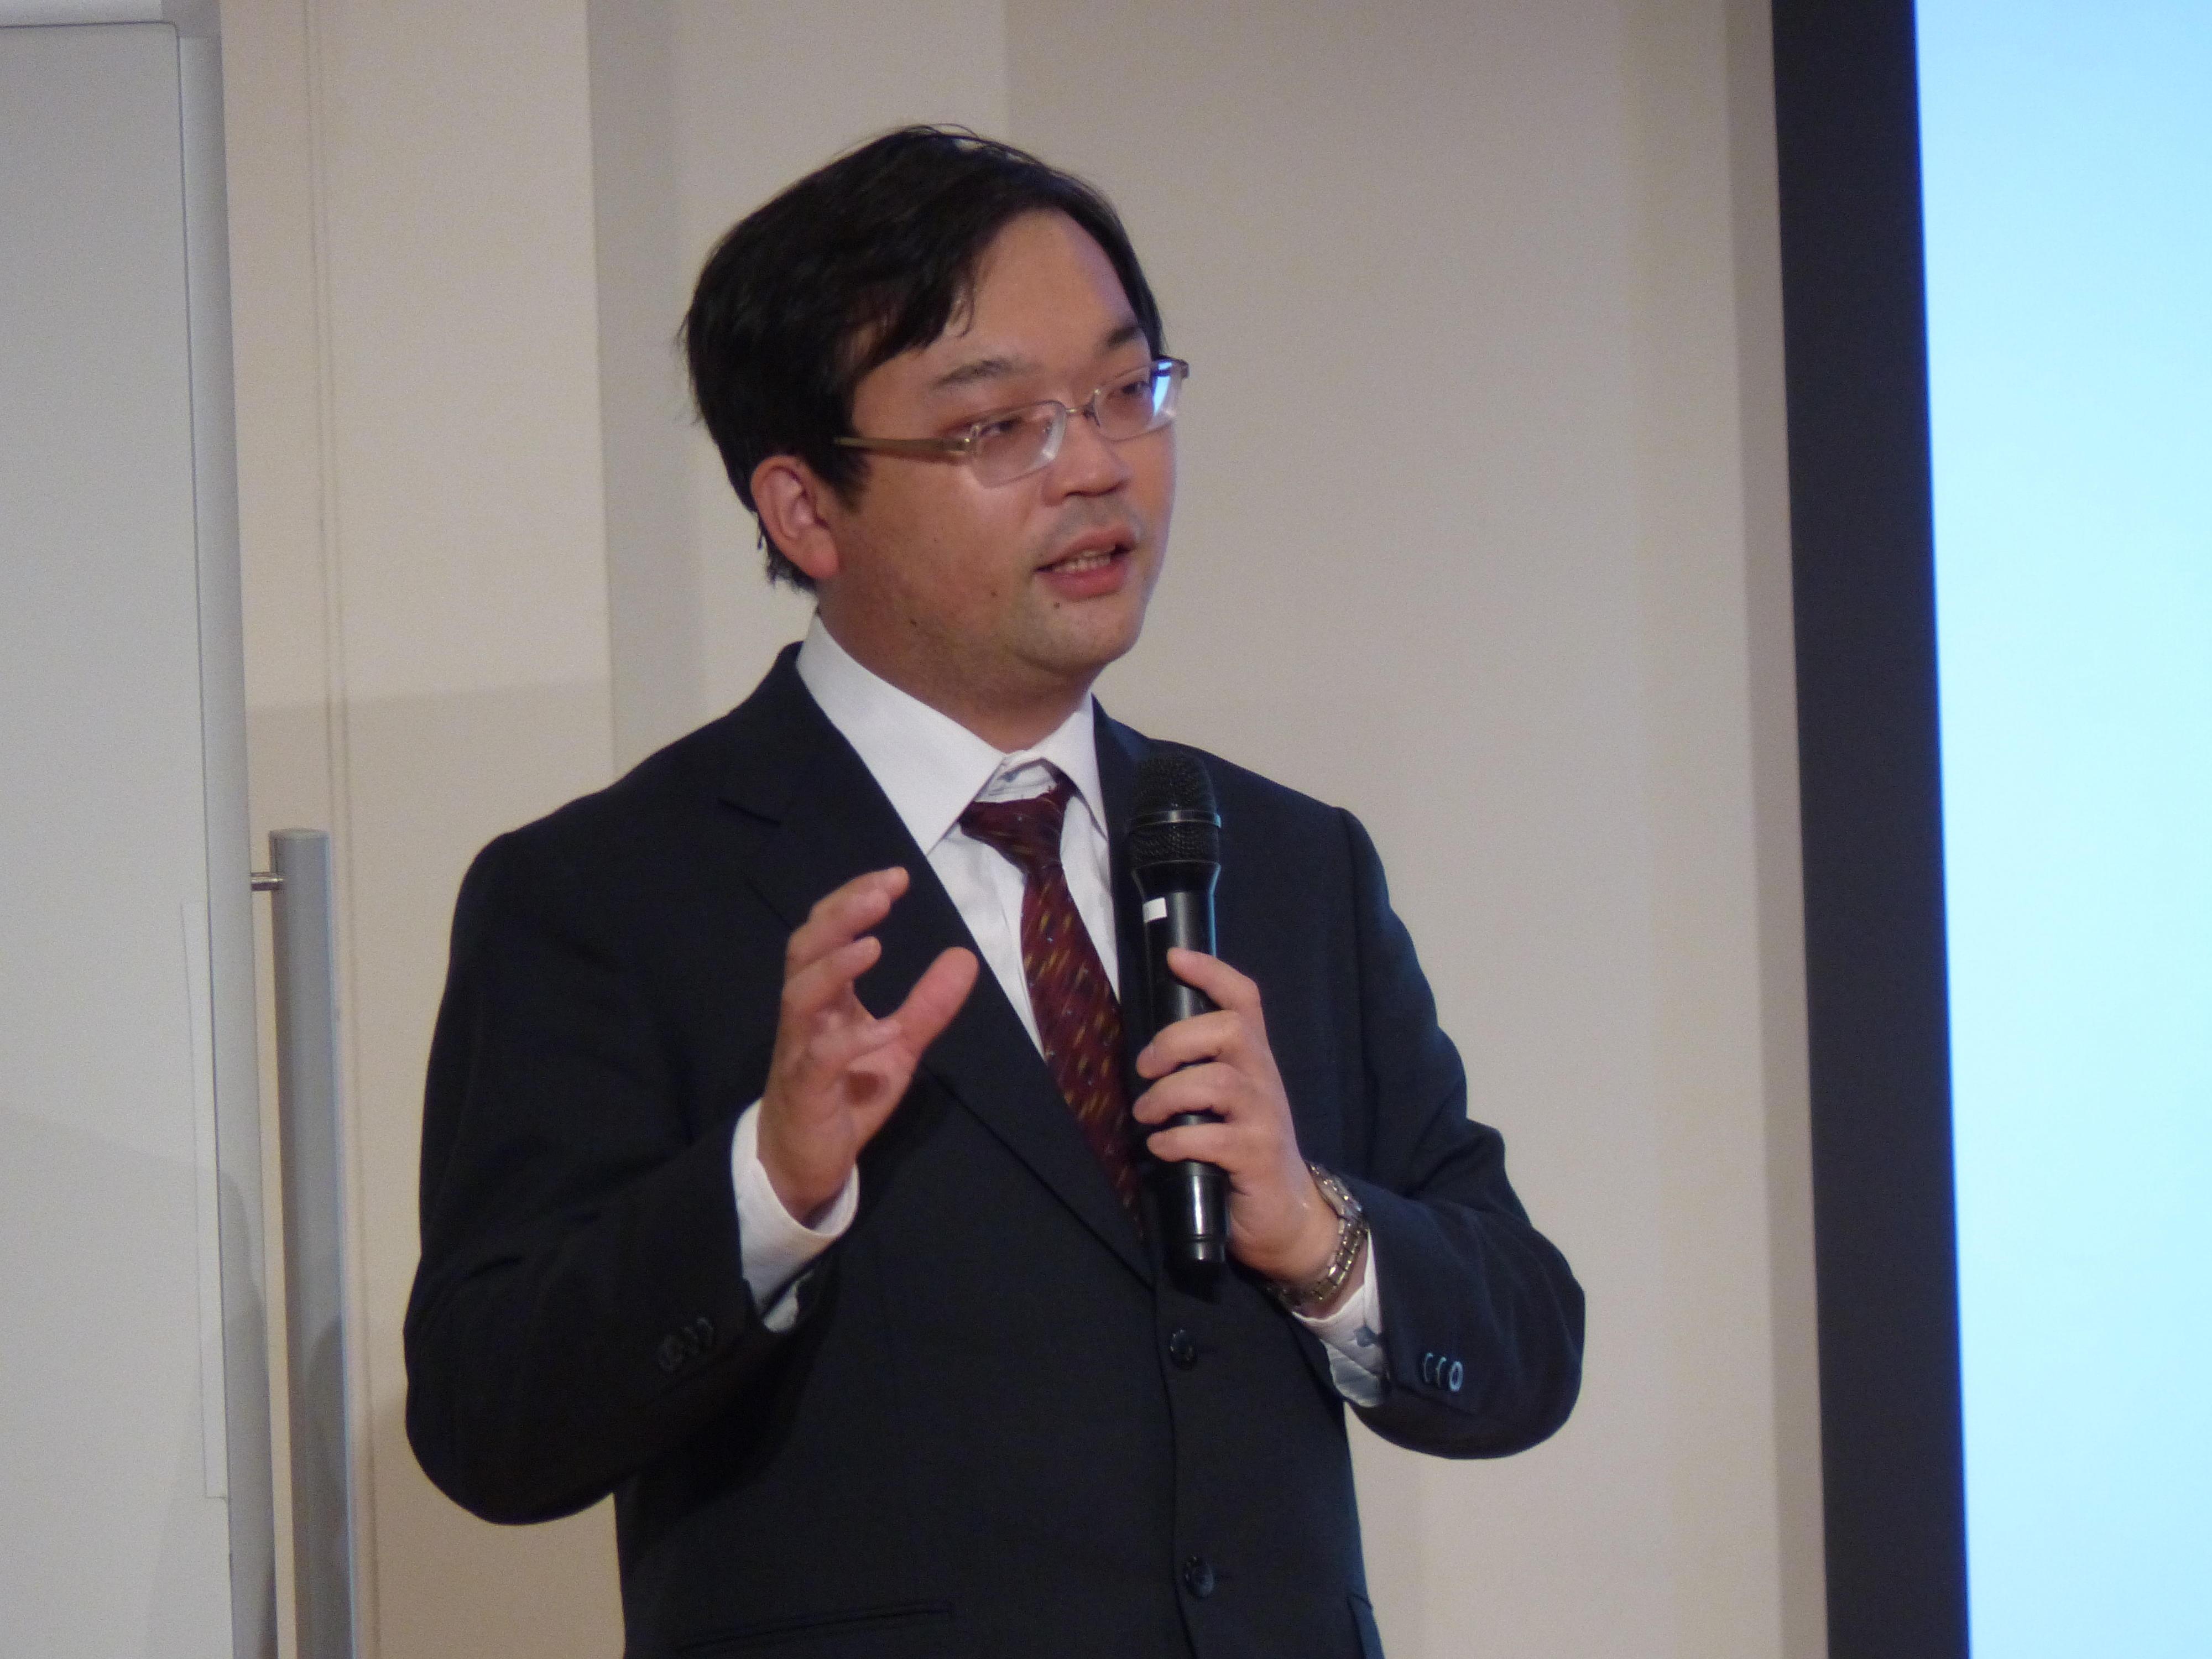 【京都産業大学】久禮旦雄准教授が「令和の御代の大嘗祭 -- 京都から考える -- 」をテーマに講演